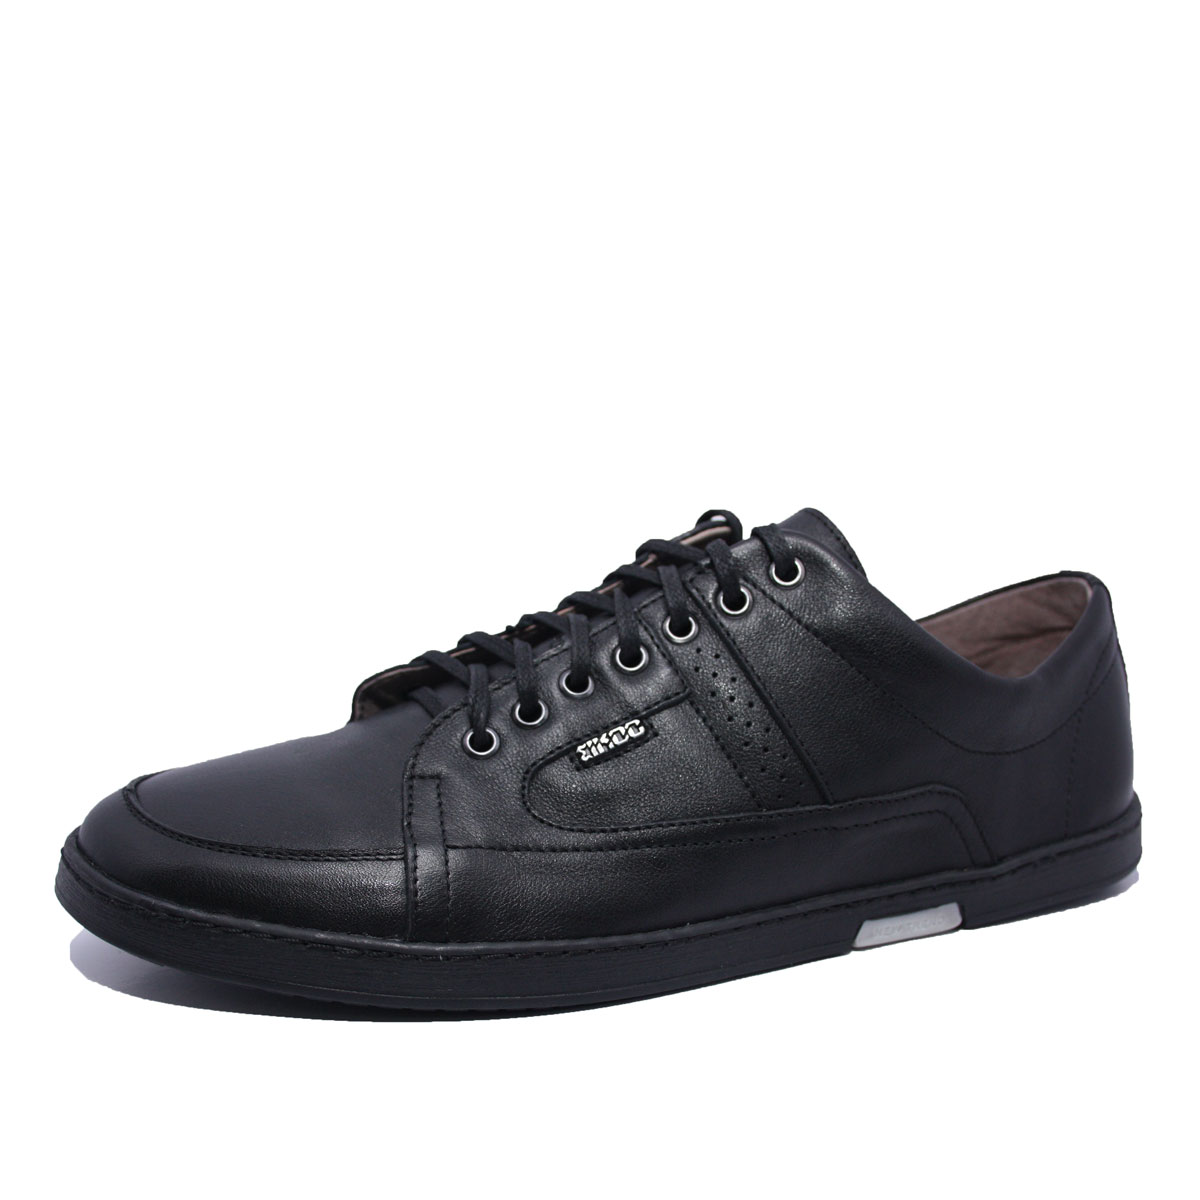 63a3e2f5bd32c1 Комфортні спортивні чоловічі туфлі 1028-1 ціна, купити. Комфортні ...